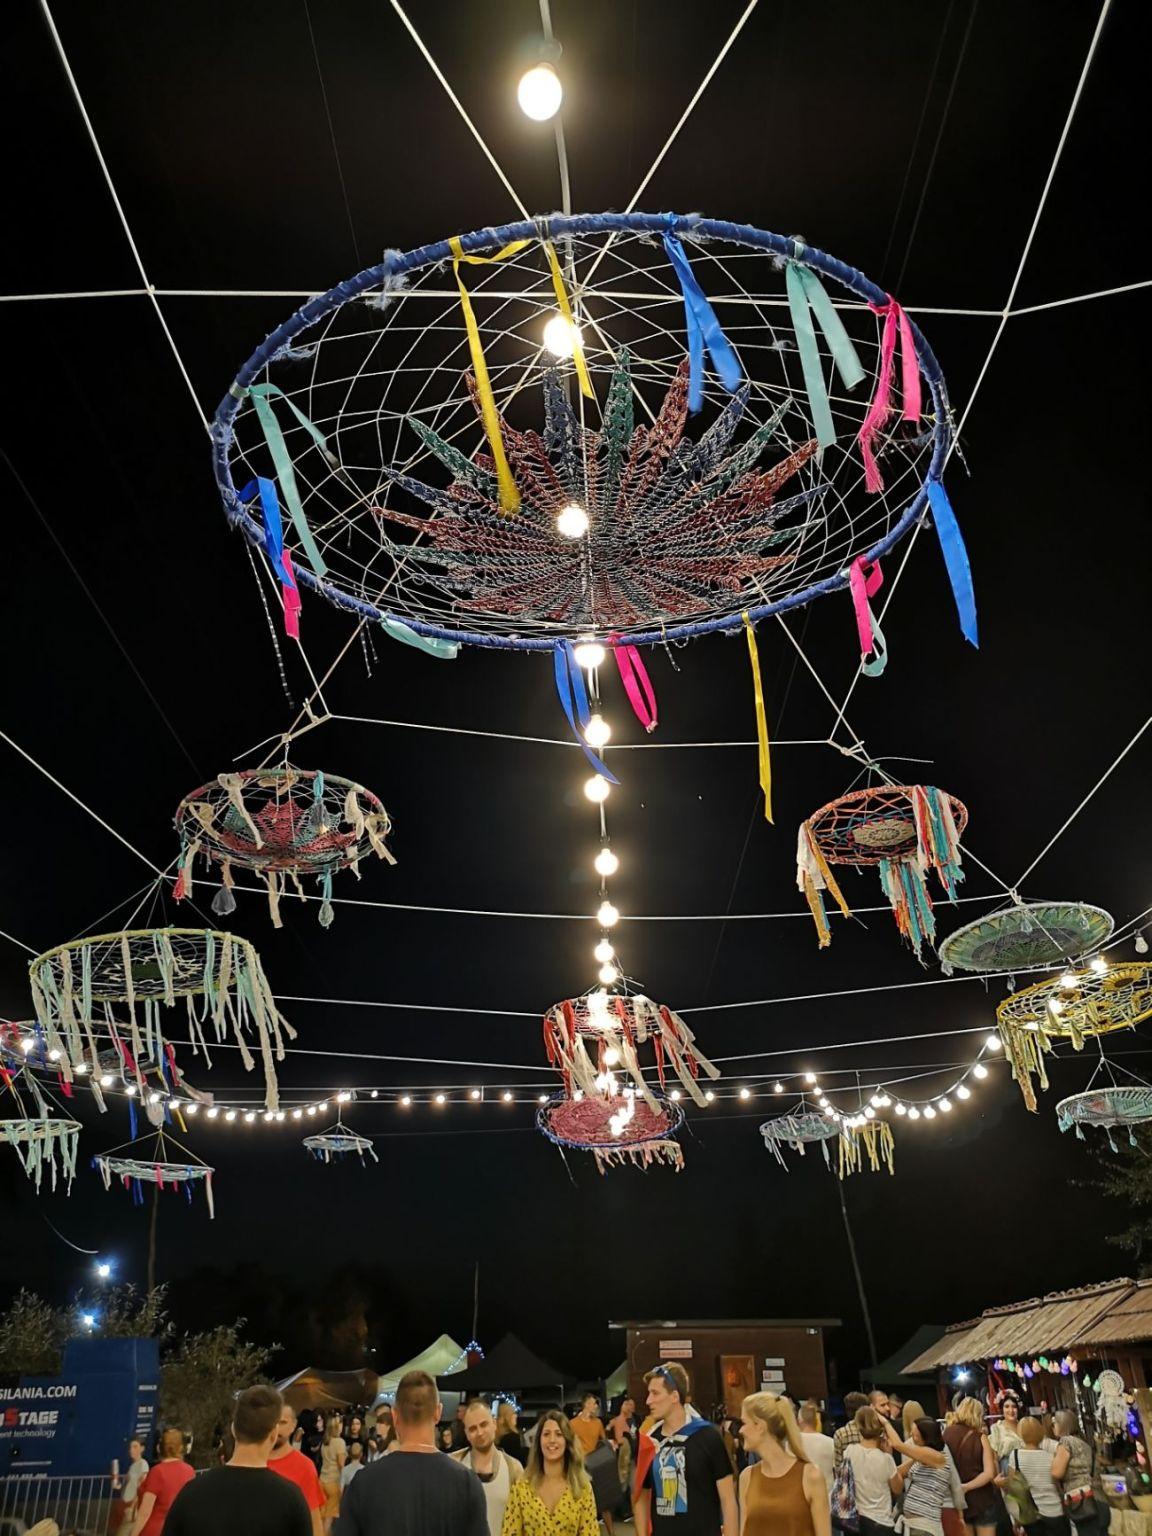 pannonica festiwal w barcicach nad popradem